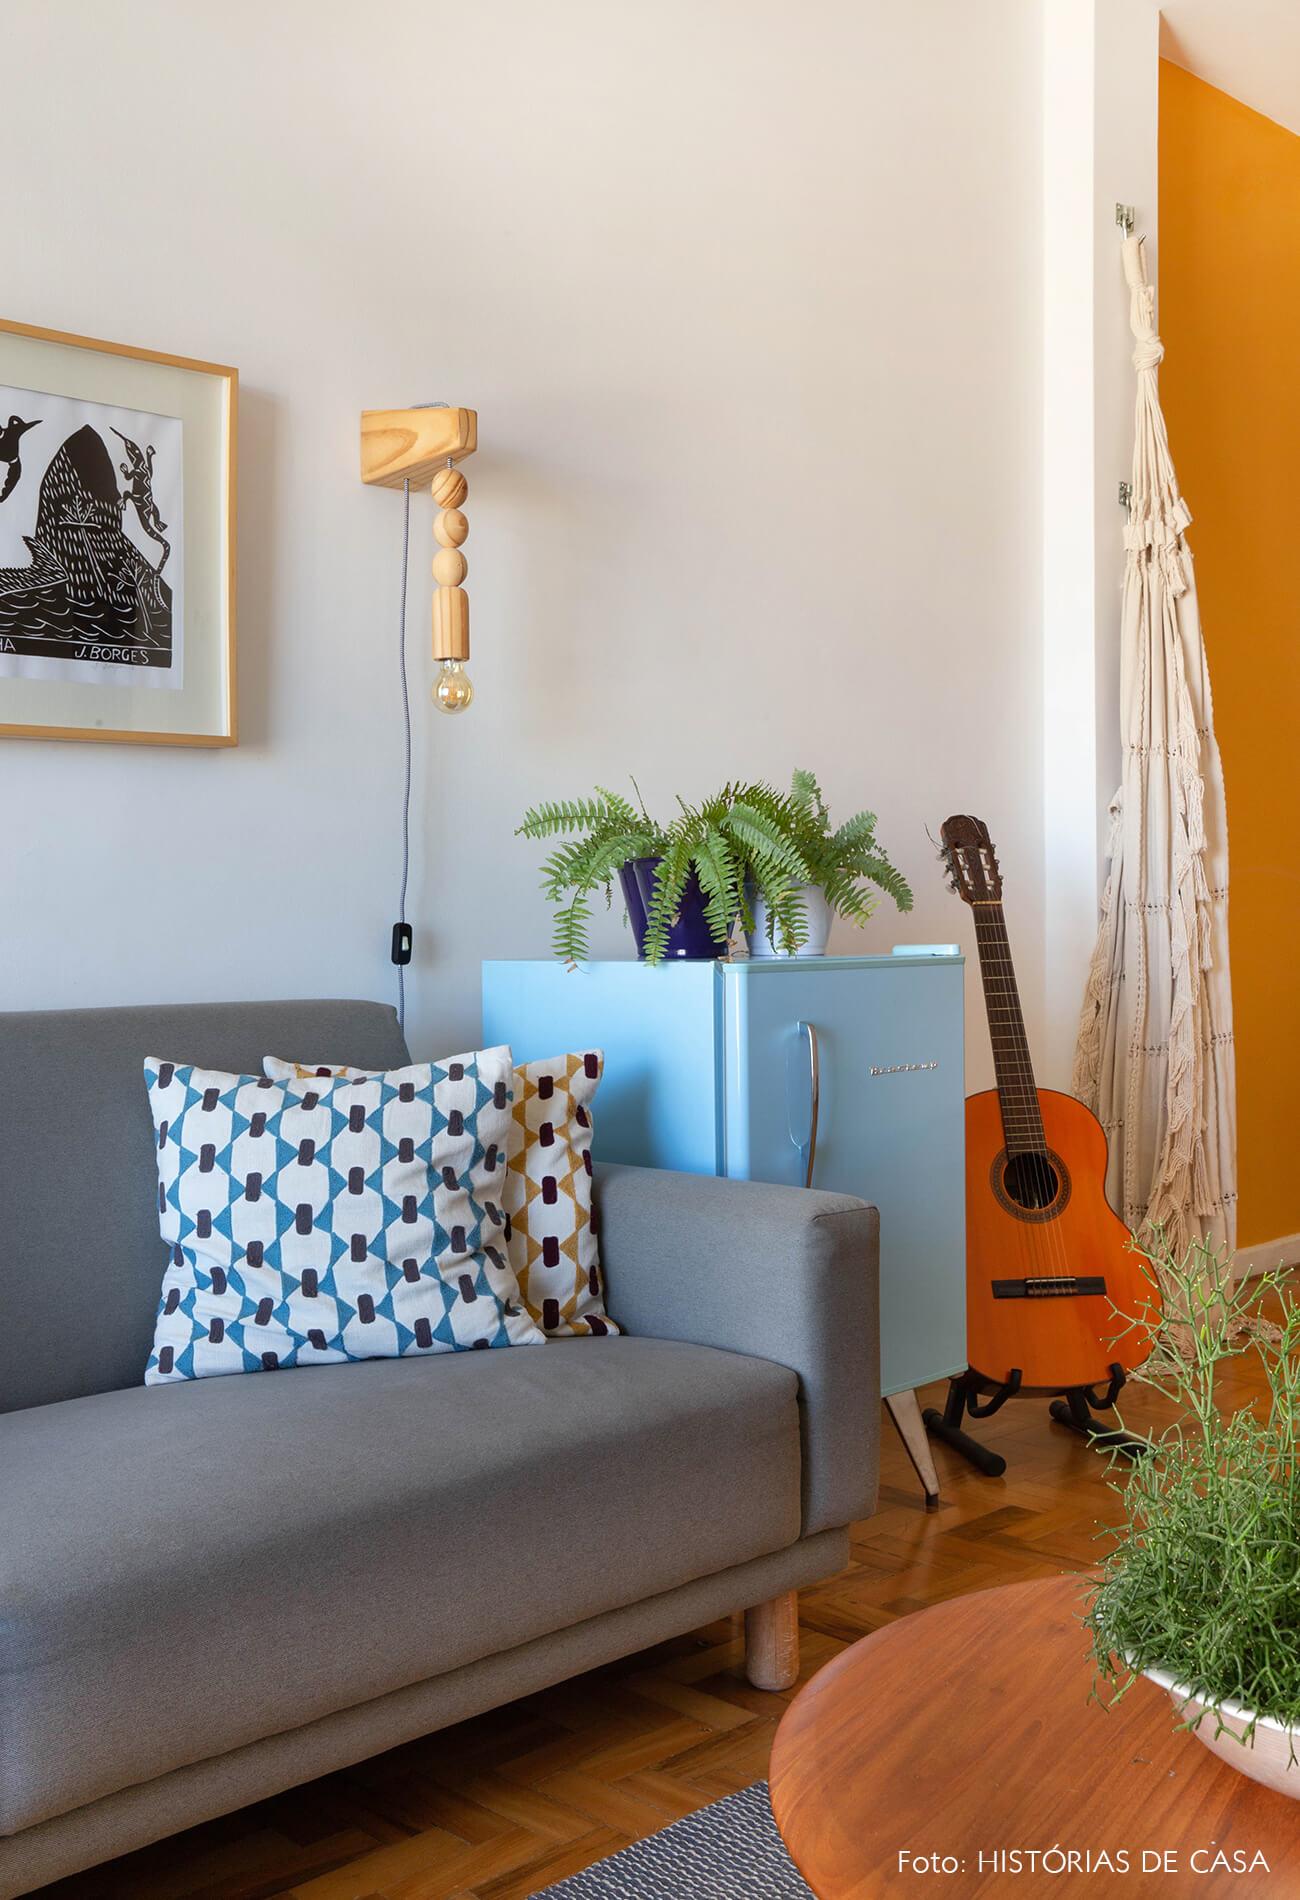 decoração quadros obrah sala com rede frigobar vintage luminaria madeira